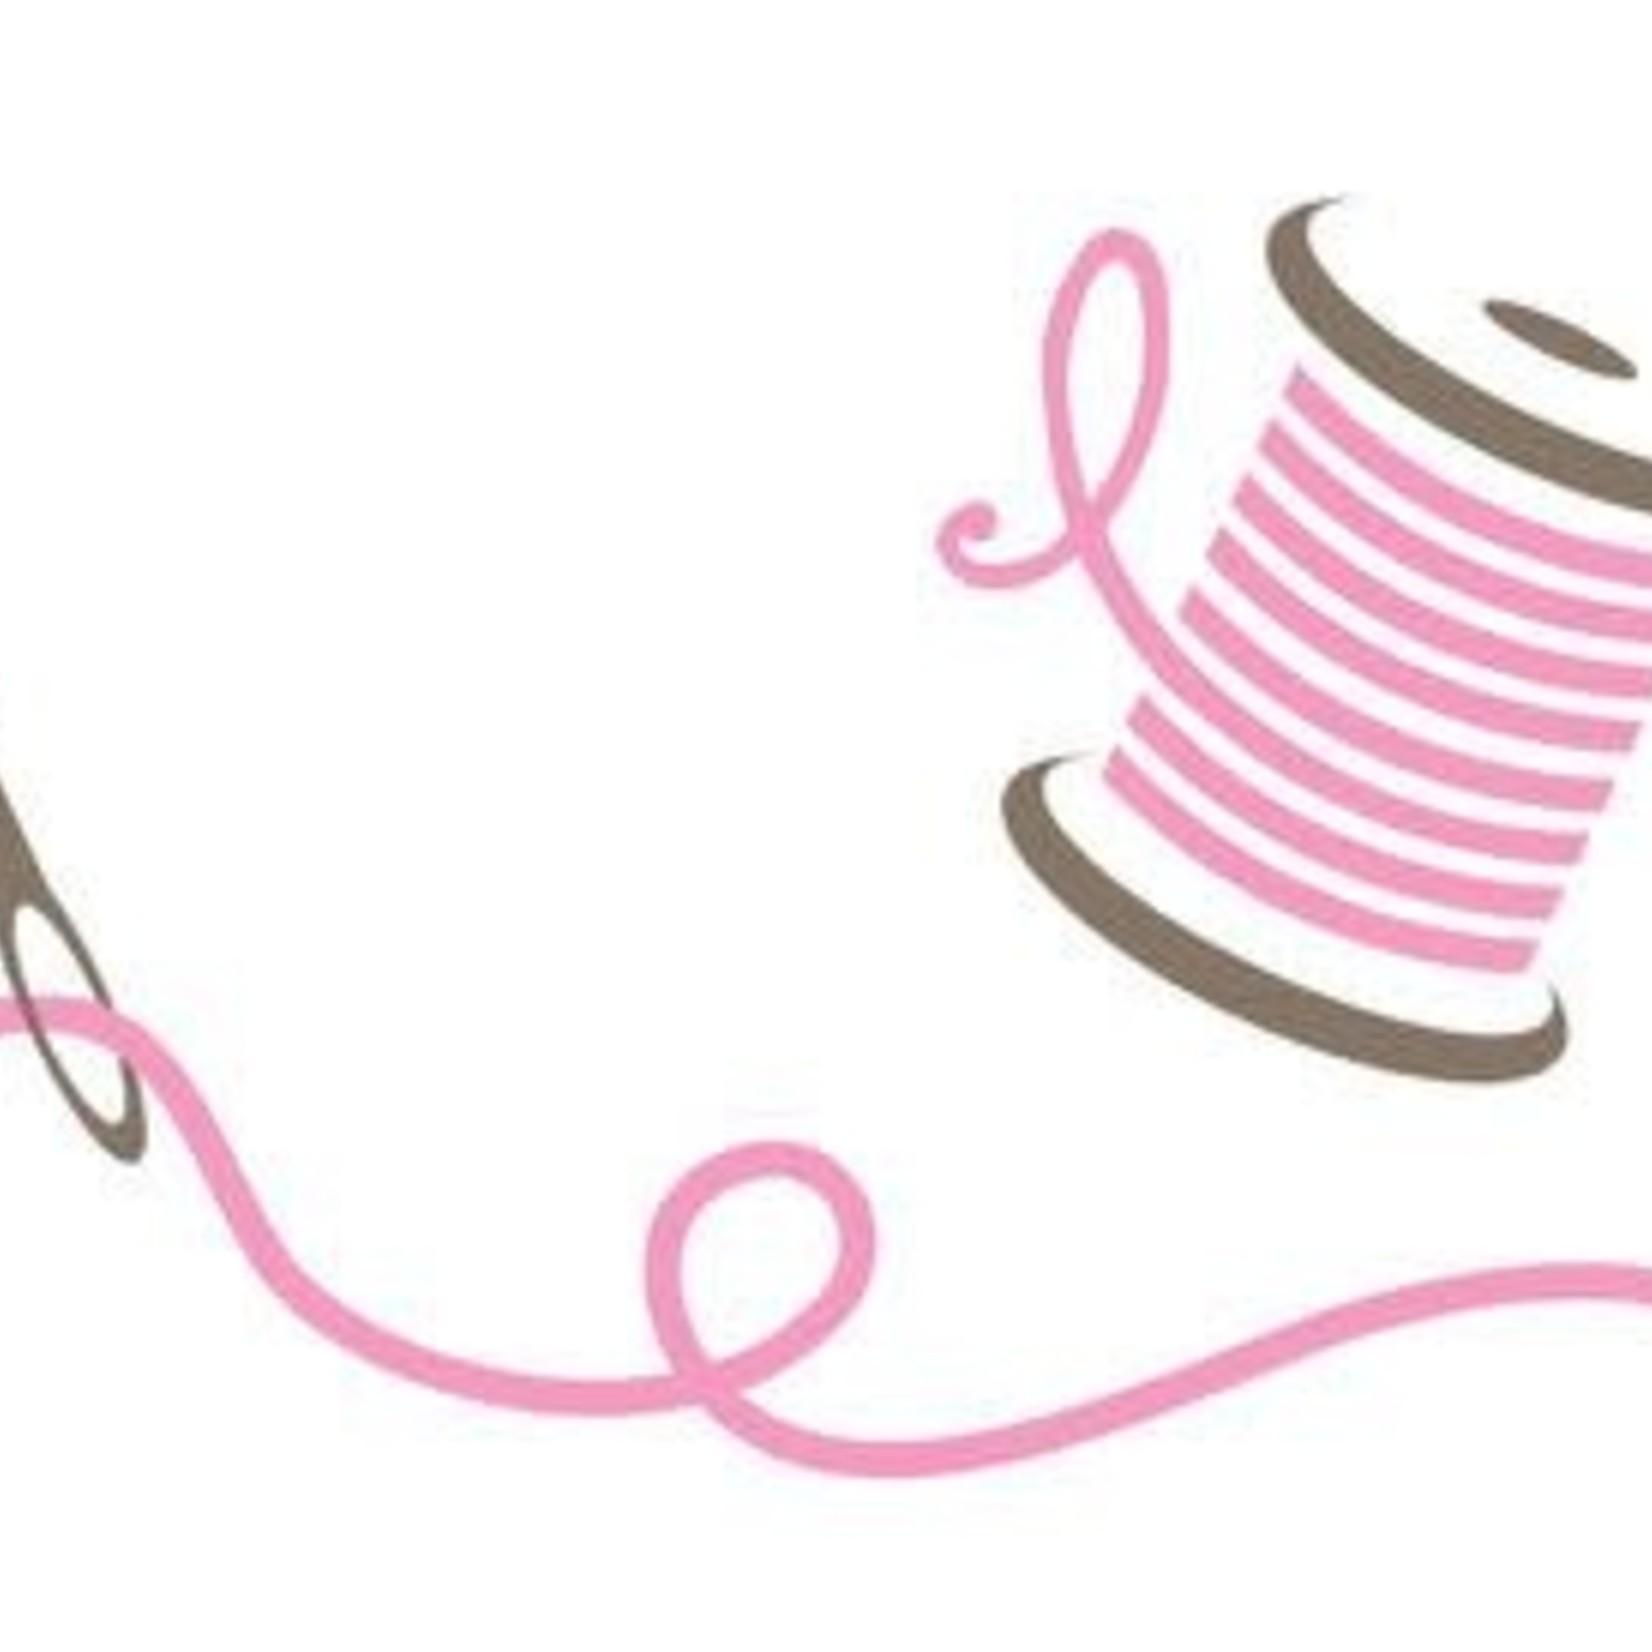 Pointe Shoe Sewing - Crossed Elastic